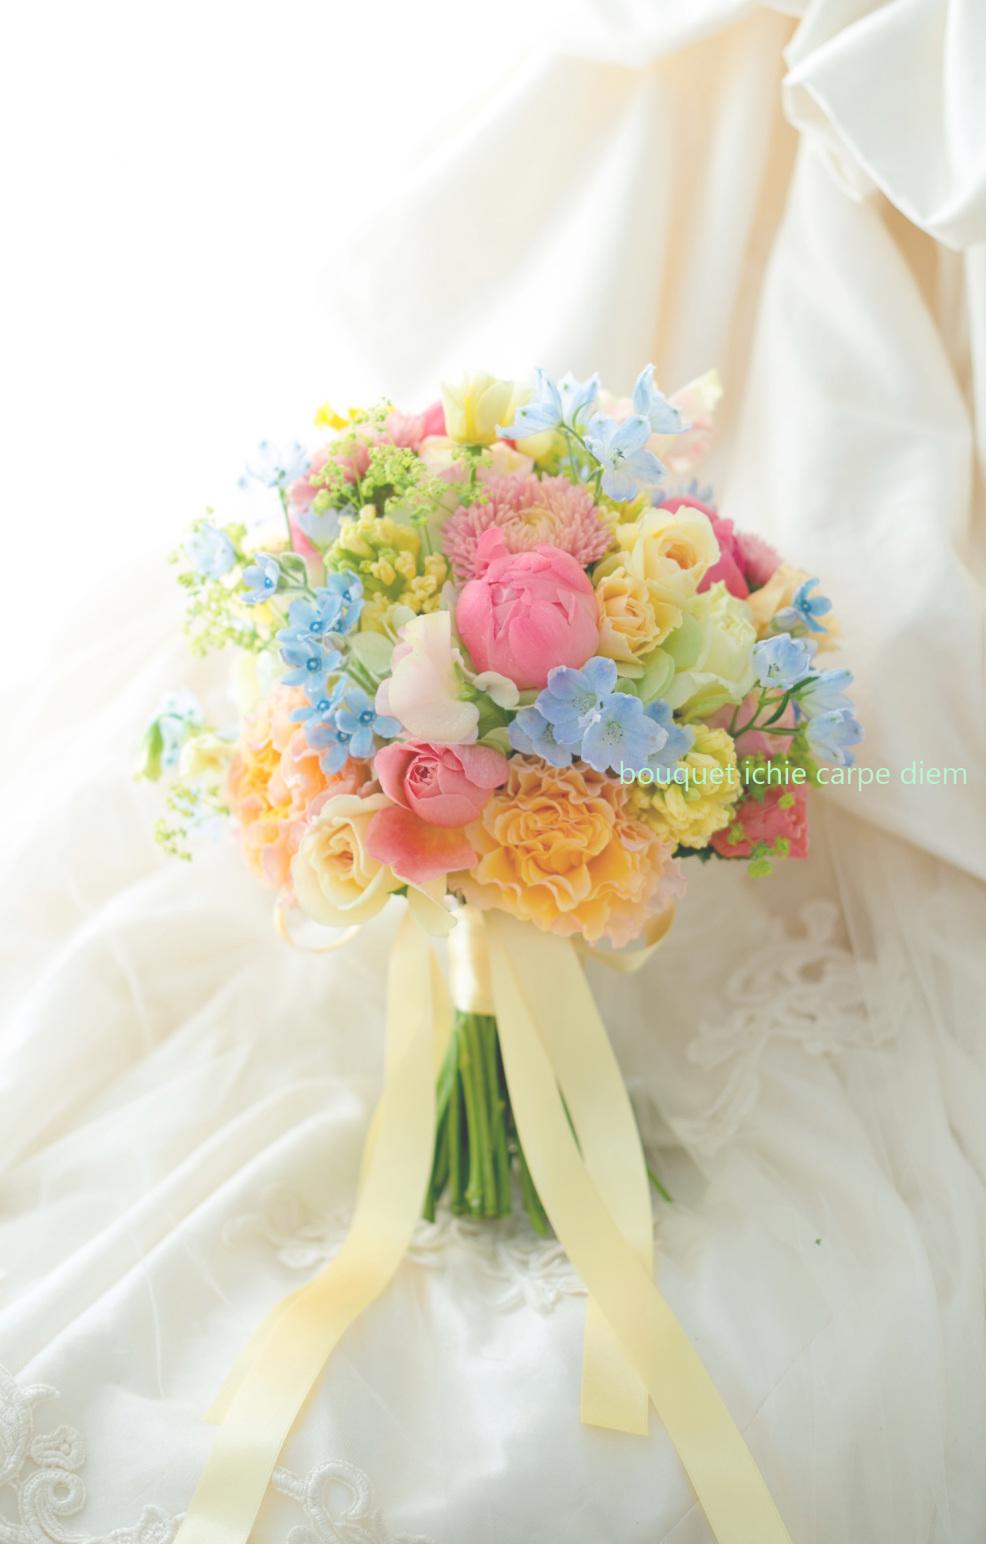 クラッチブーケ アルカンシェル南青山様へ、春、コーラル色の芍薬 イエローのドレスに_a0042928_12350148.jpg